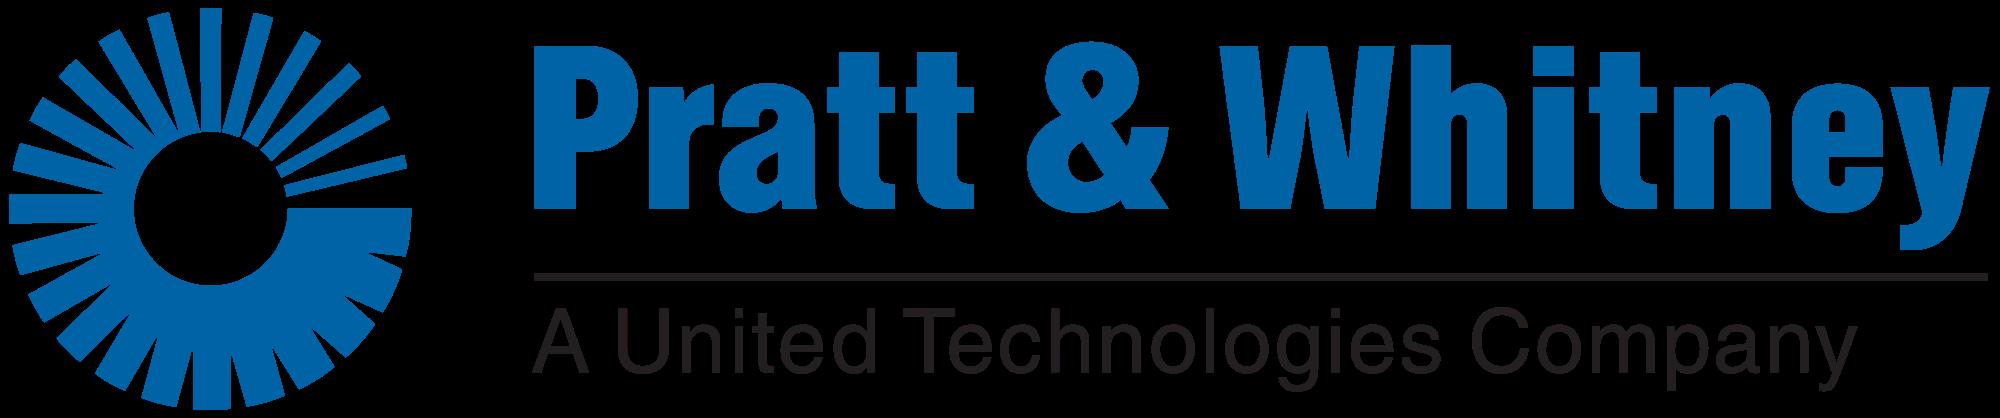 Pratt_&_Whitney_UTC_logo.png